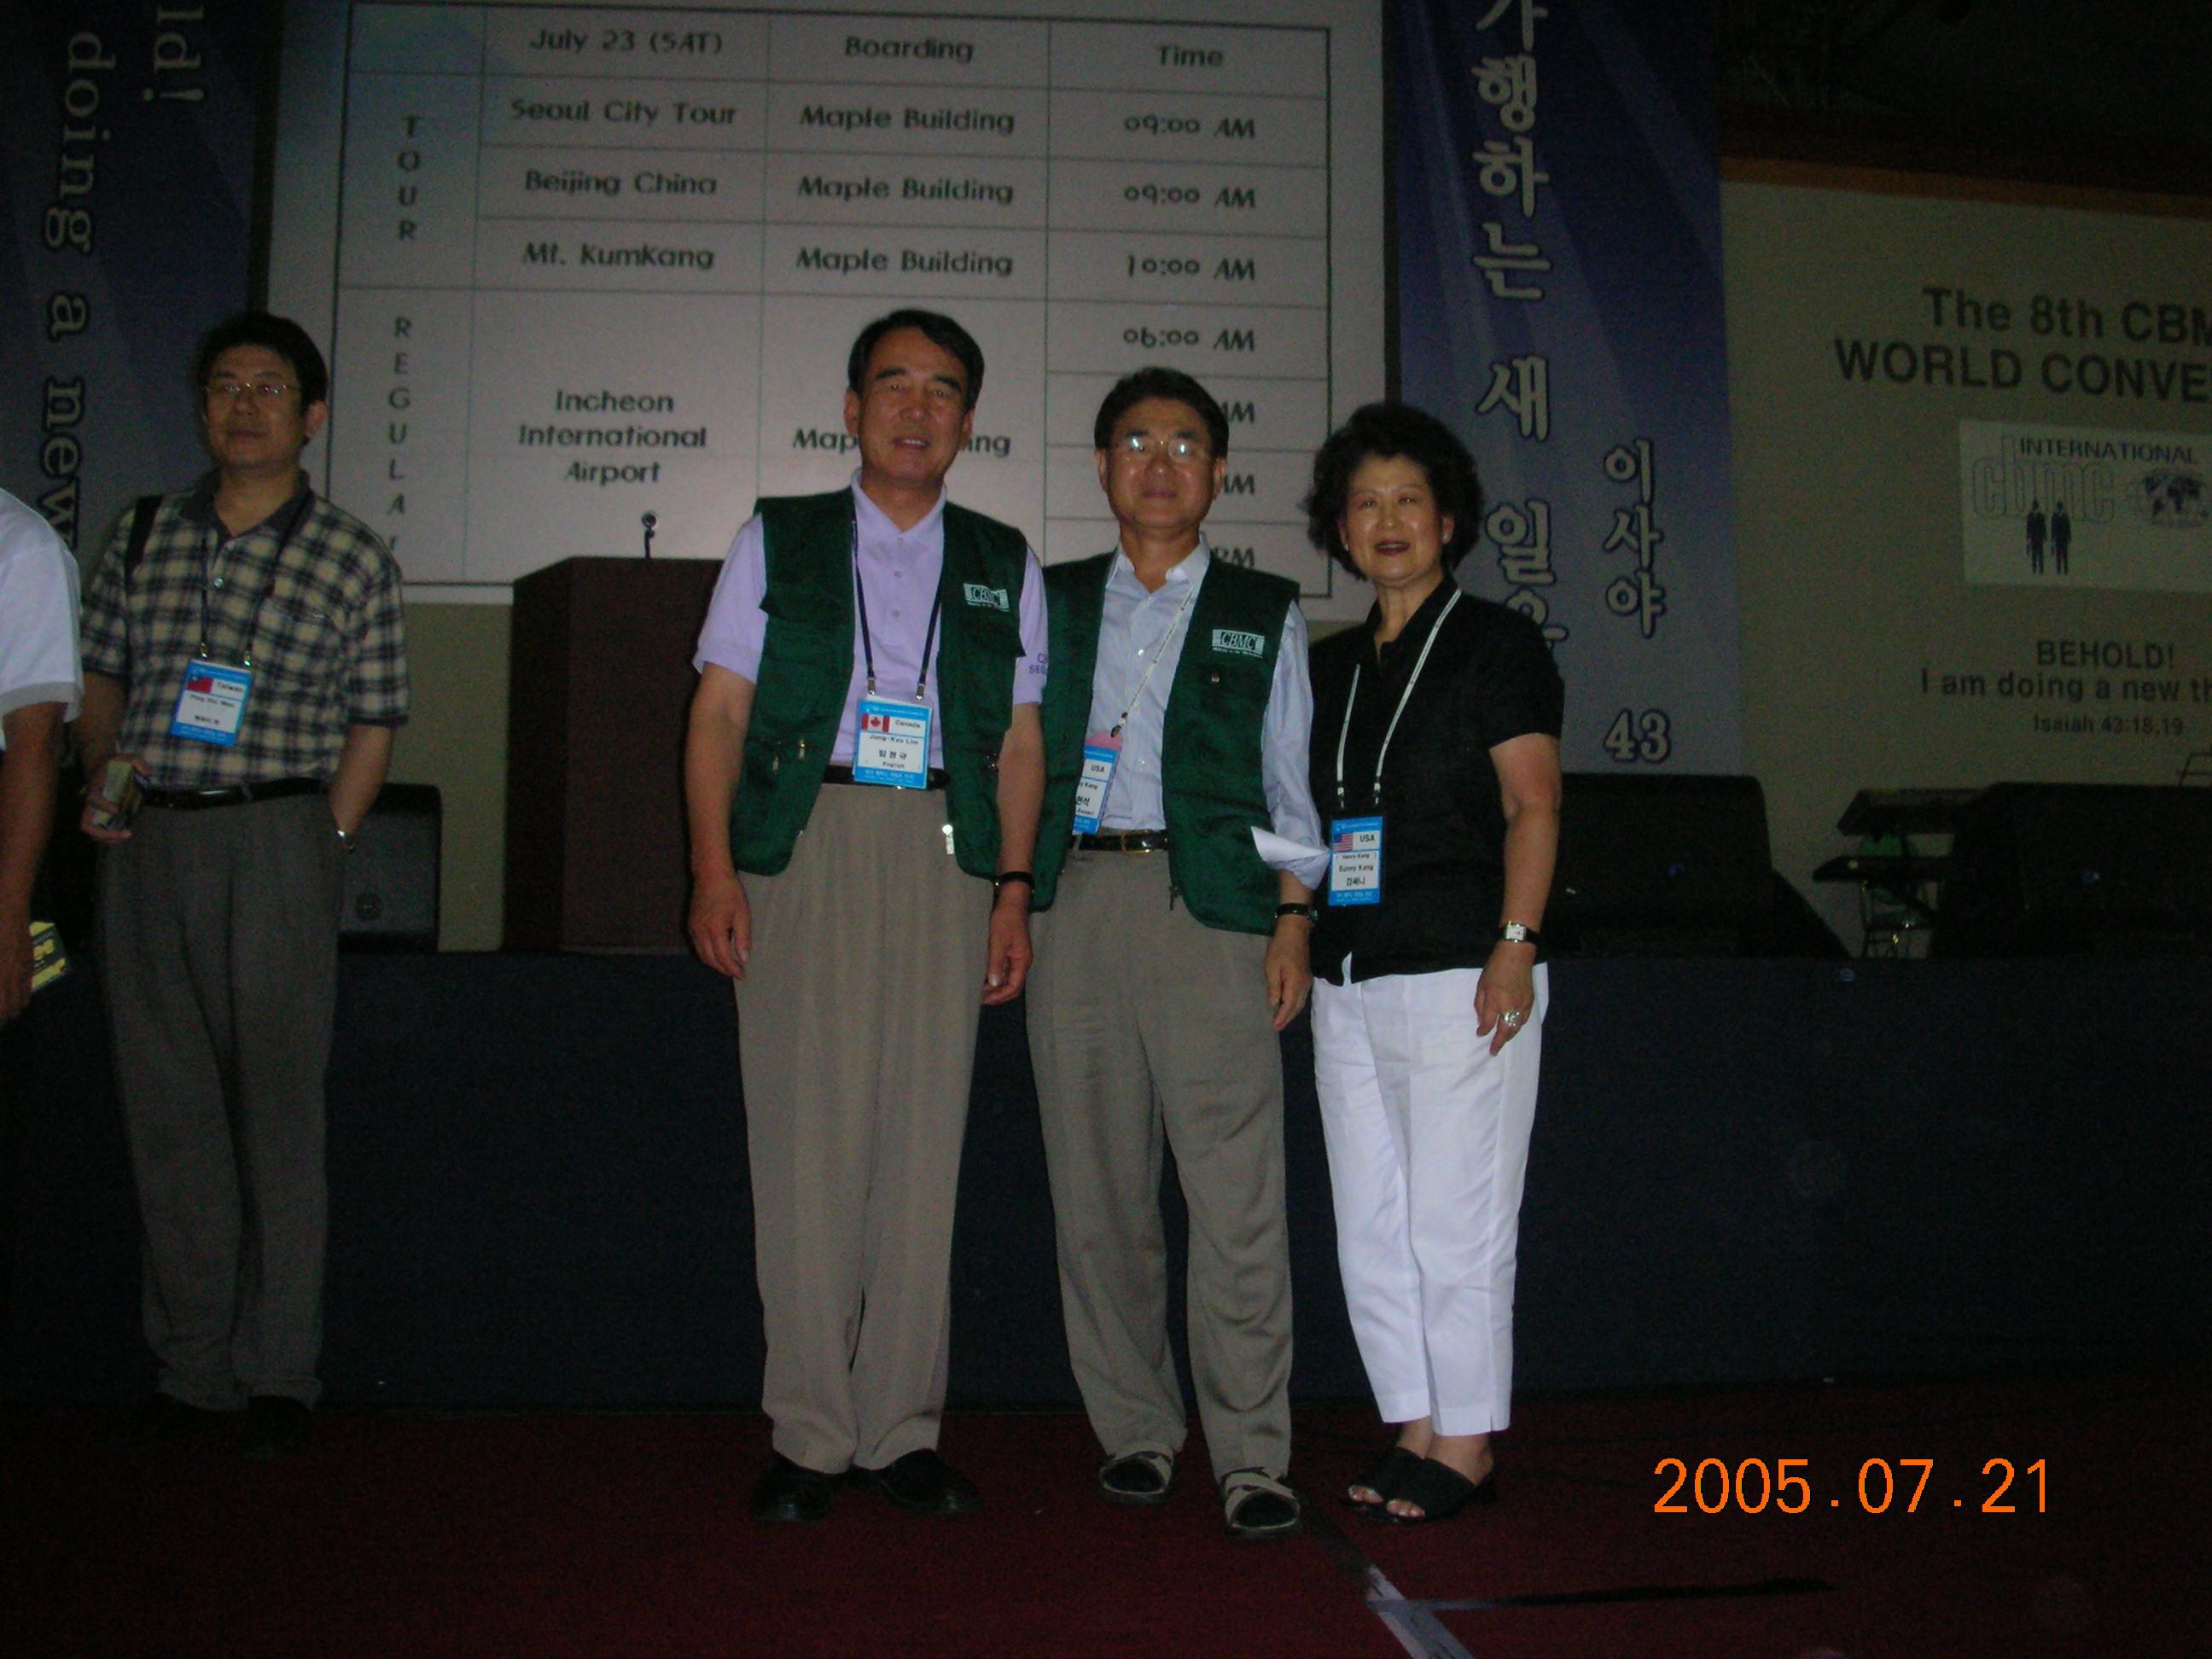 DSCN0063.JPG